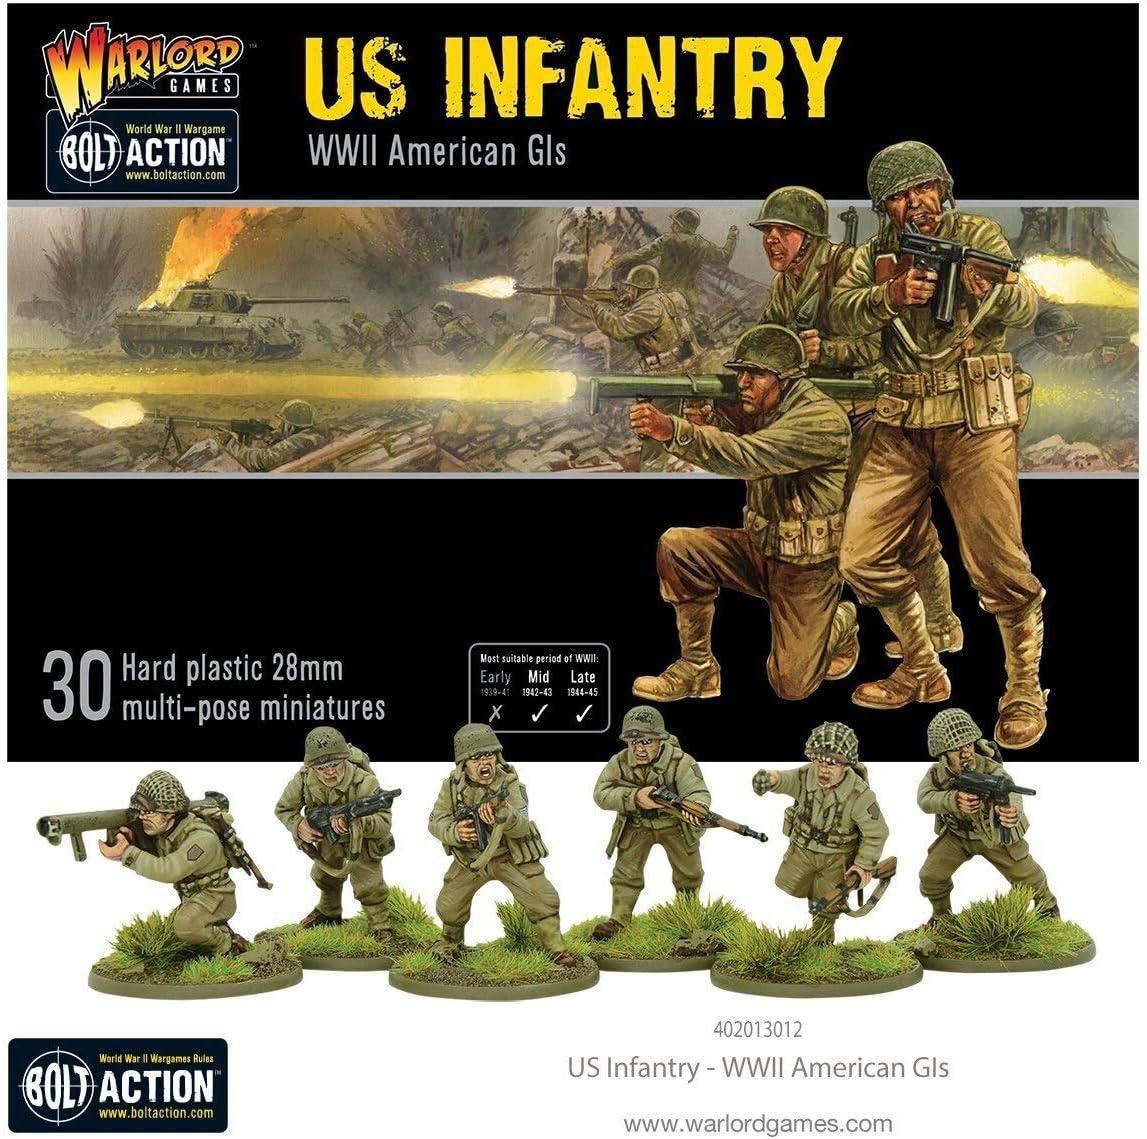 WAR-402013012A - Juegos De Warlord - 30 Infantería Estadounidense - 28 mm Miniaturas De Juegos de Guerra De Plástico - Acción De Cerrojo